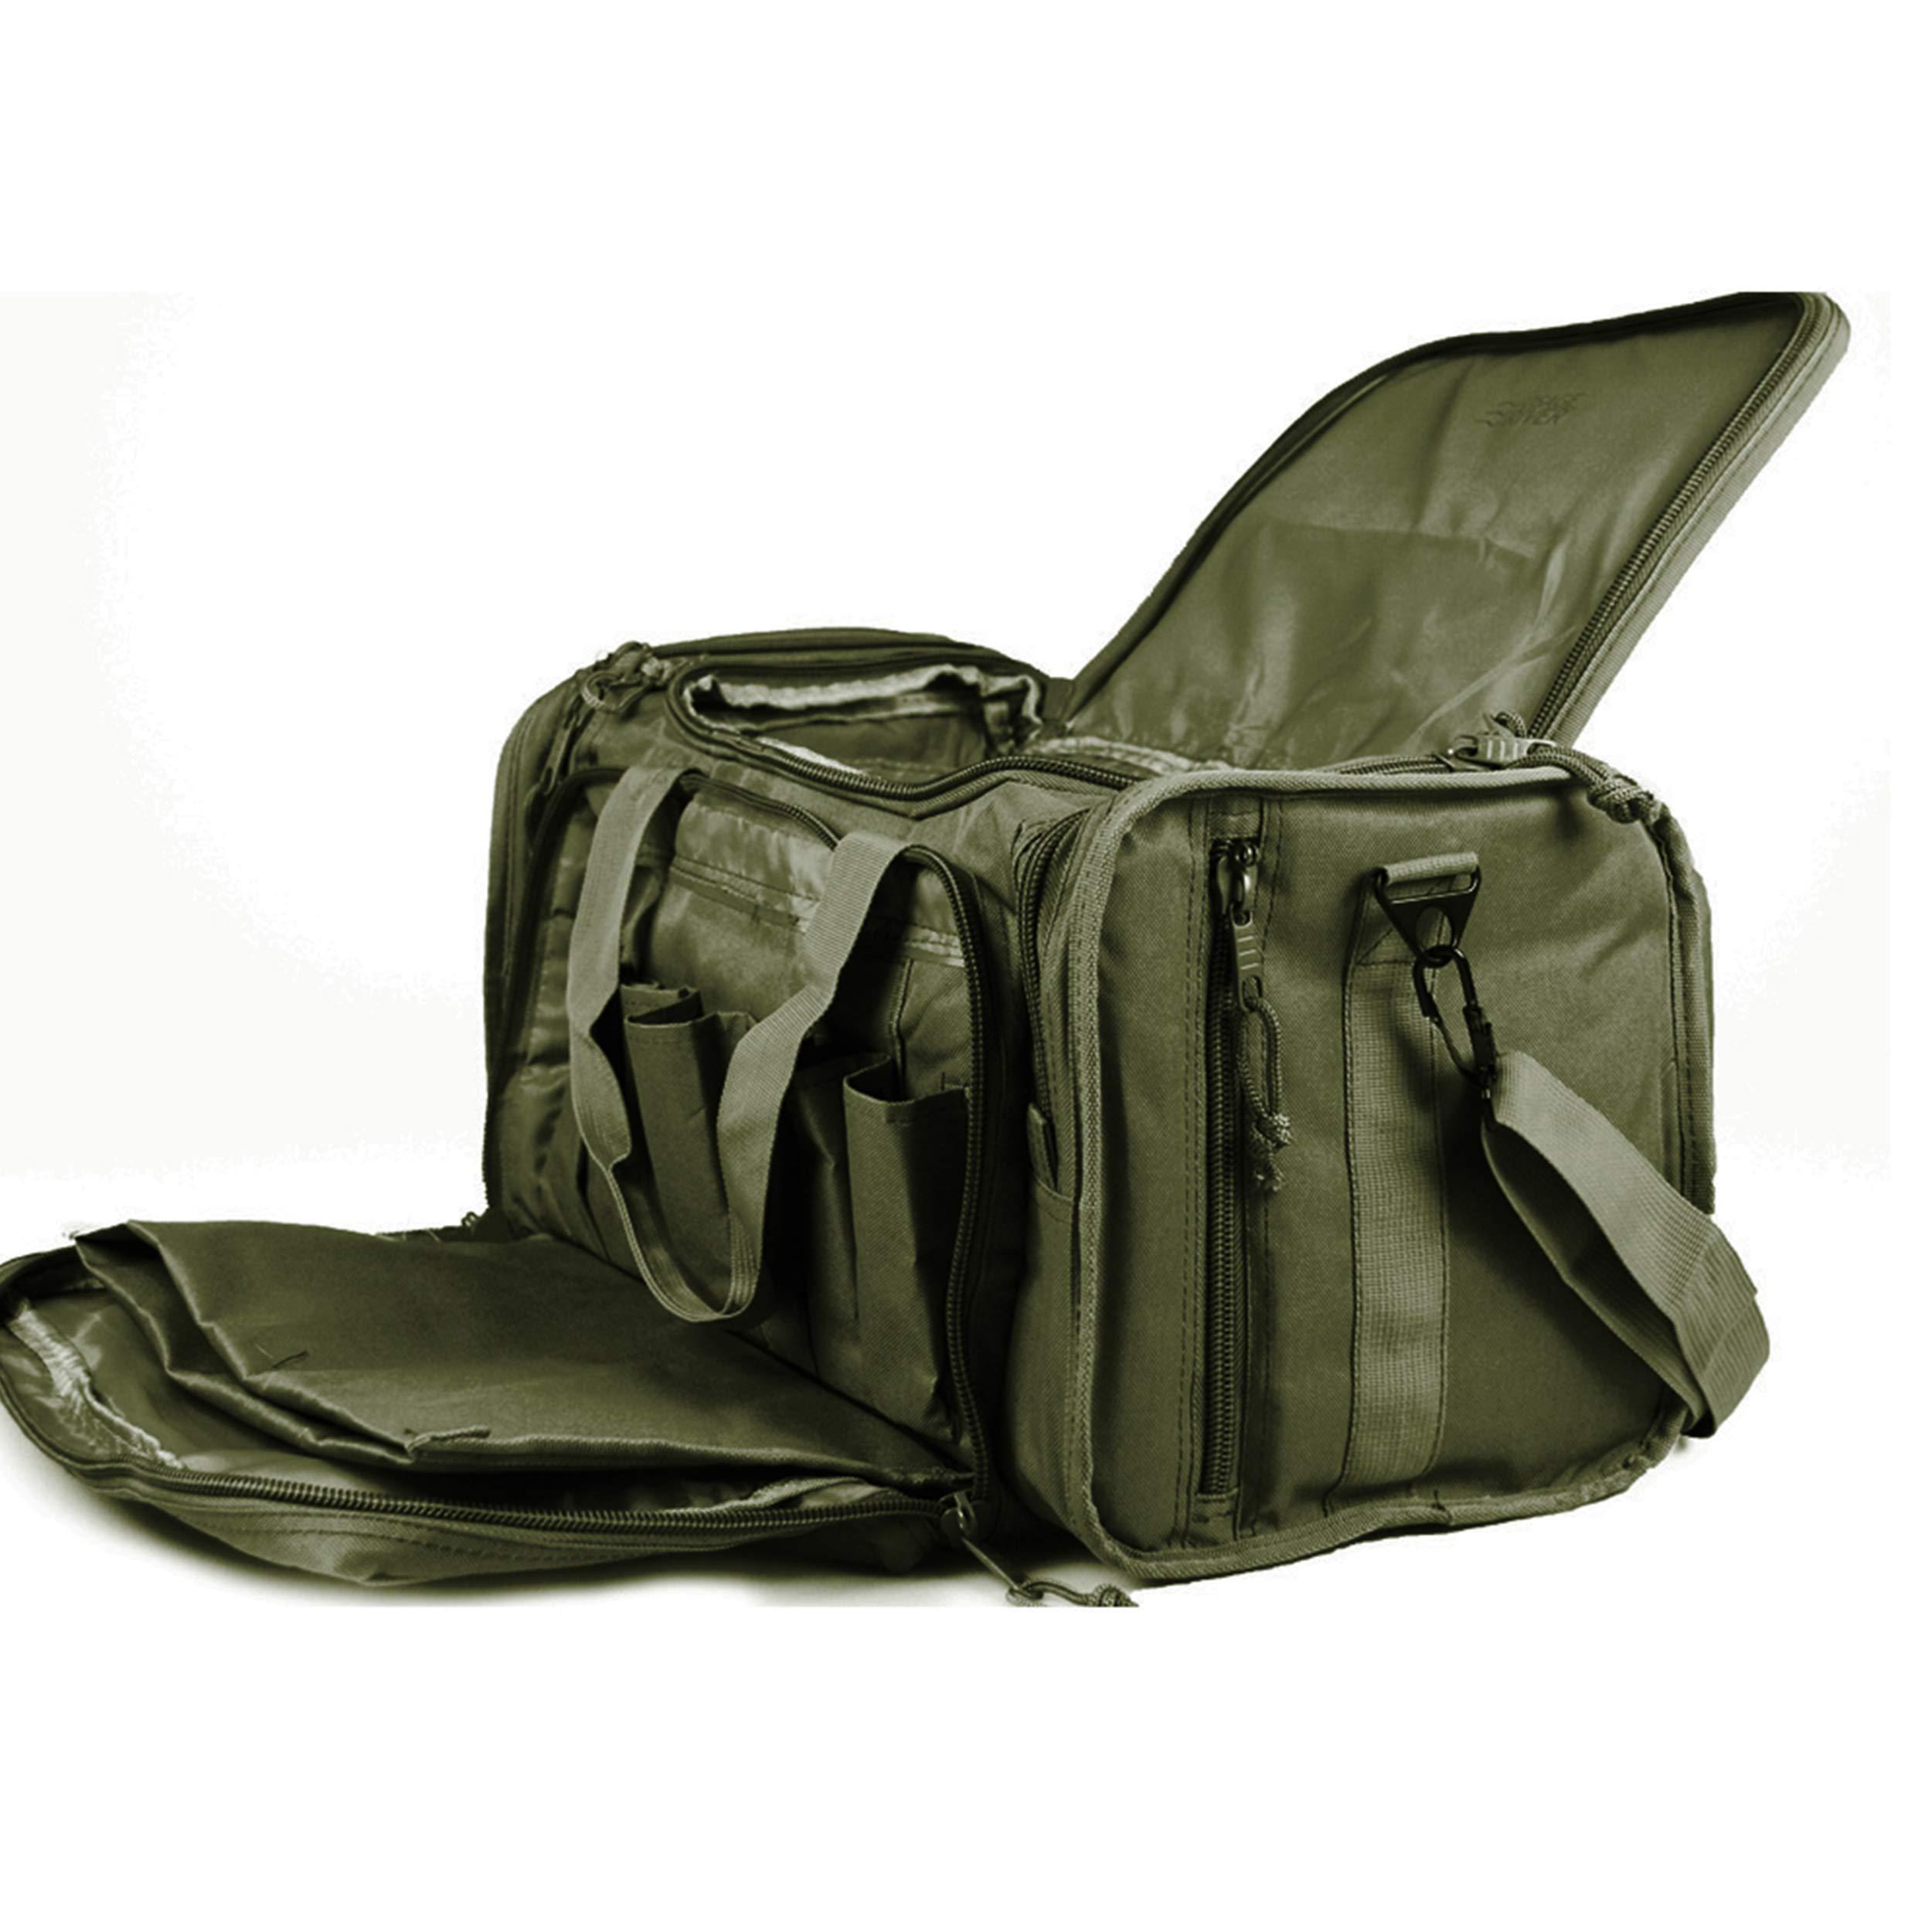 Osage River 1107987 Range Bag OD - Green